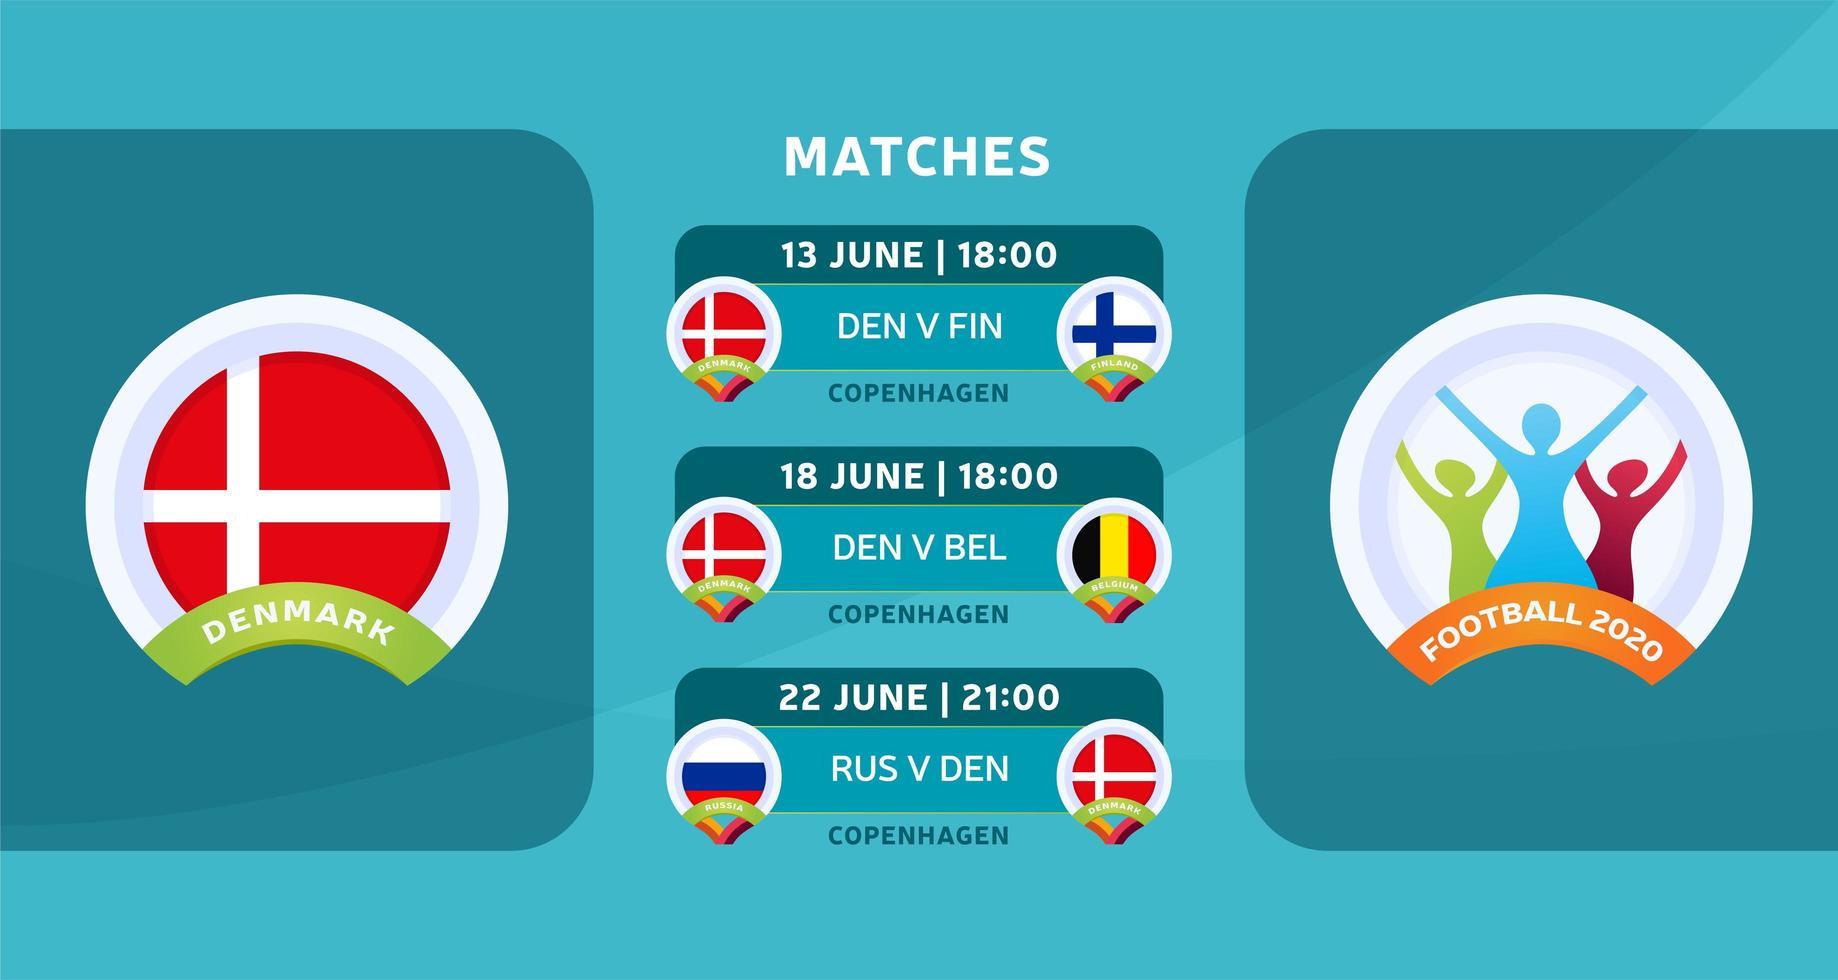 programação de jogos da seleção nacional da dinamarca na fase final do campeonato europeu de futebol de 2020. ilustração vetorial com o cascalho oficial das partidas de futebol. vetor